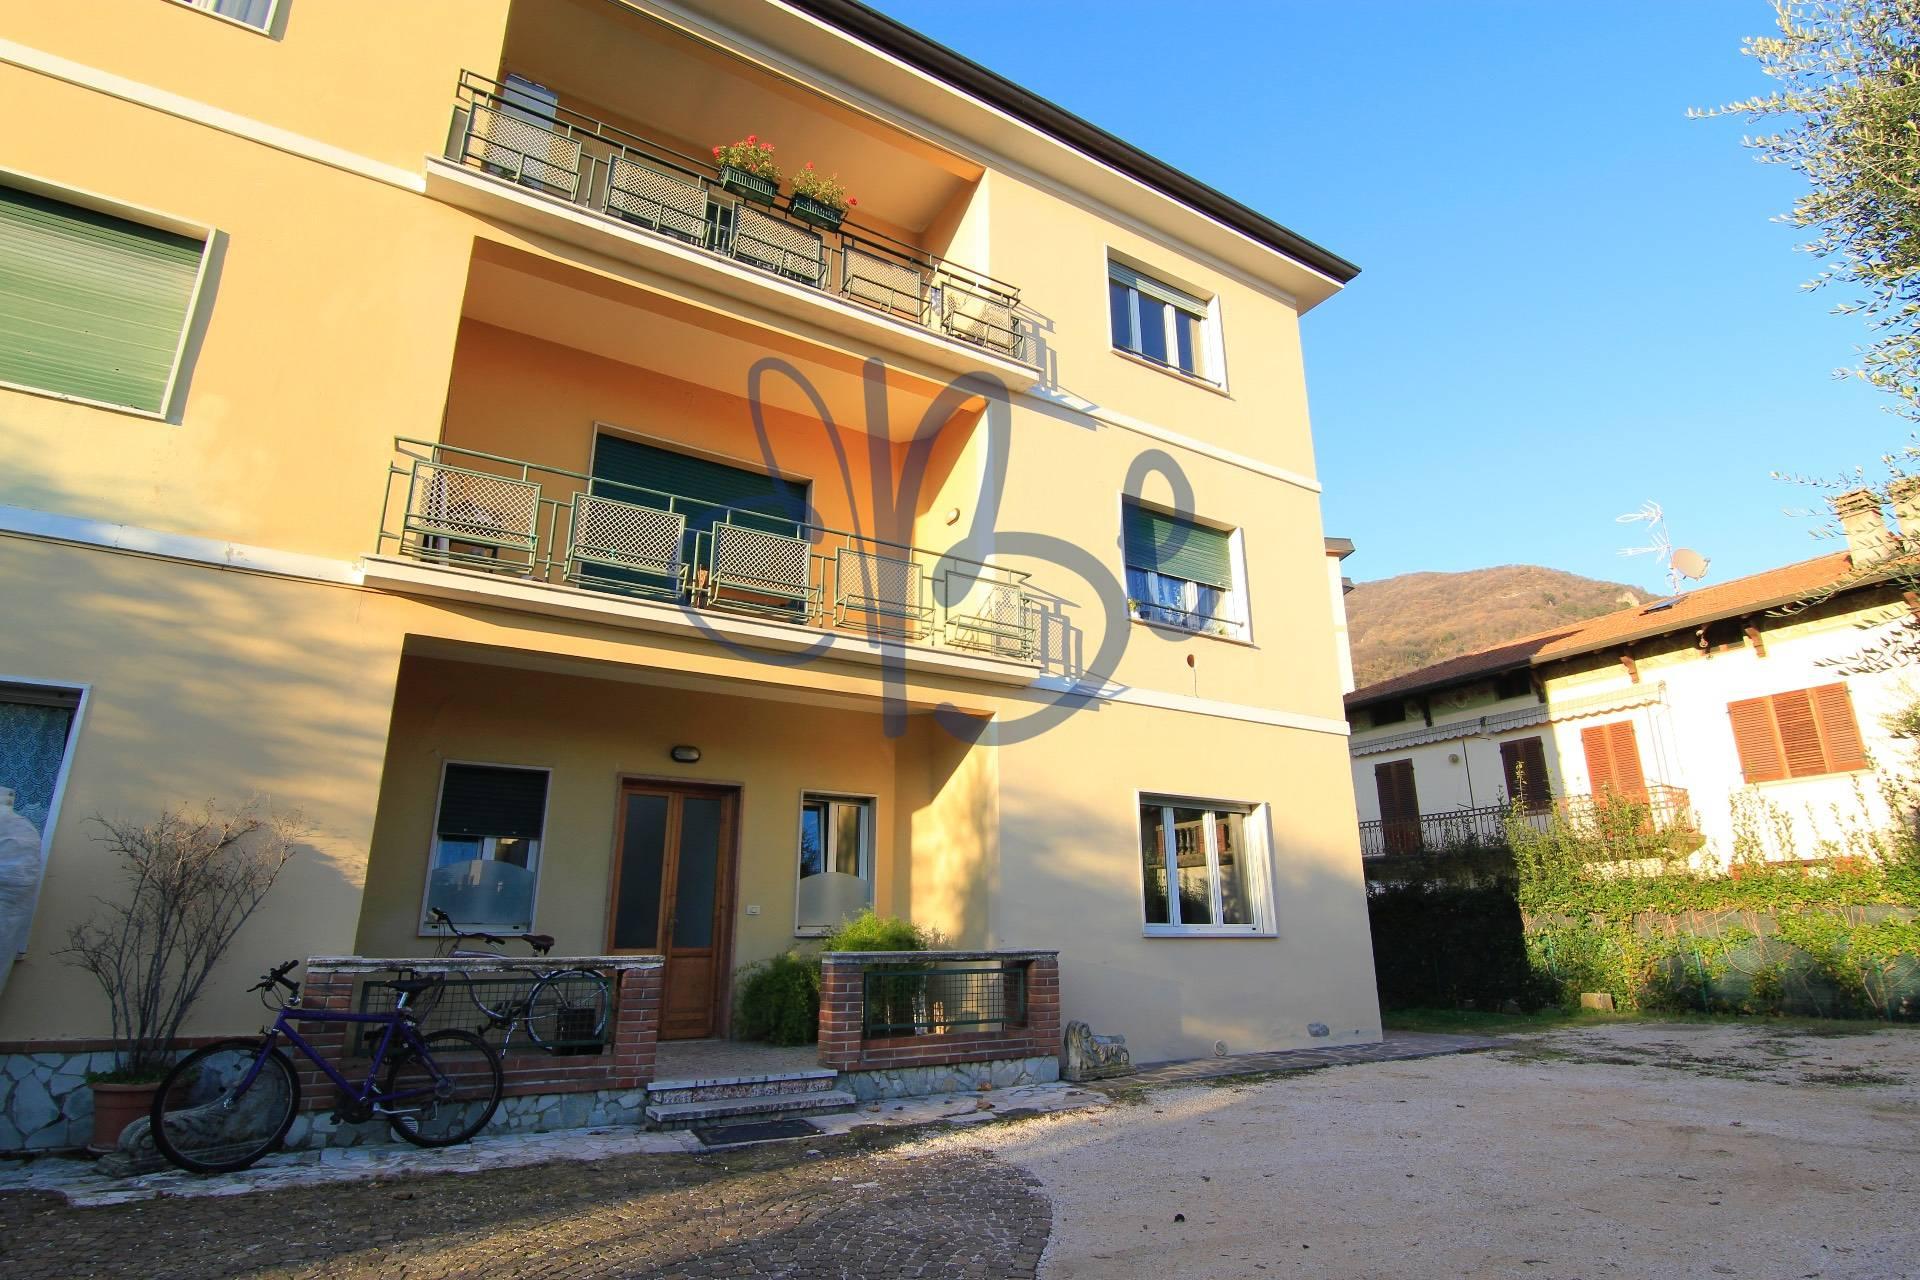 Appartamento in vendita a Salò, 3 locali, prezzo € 155.000 | CambioCasa.it